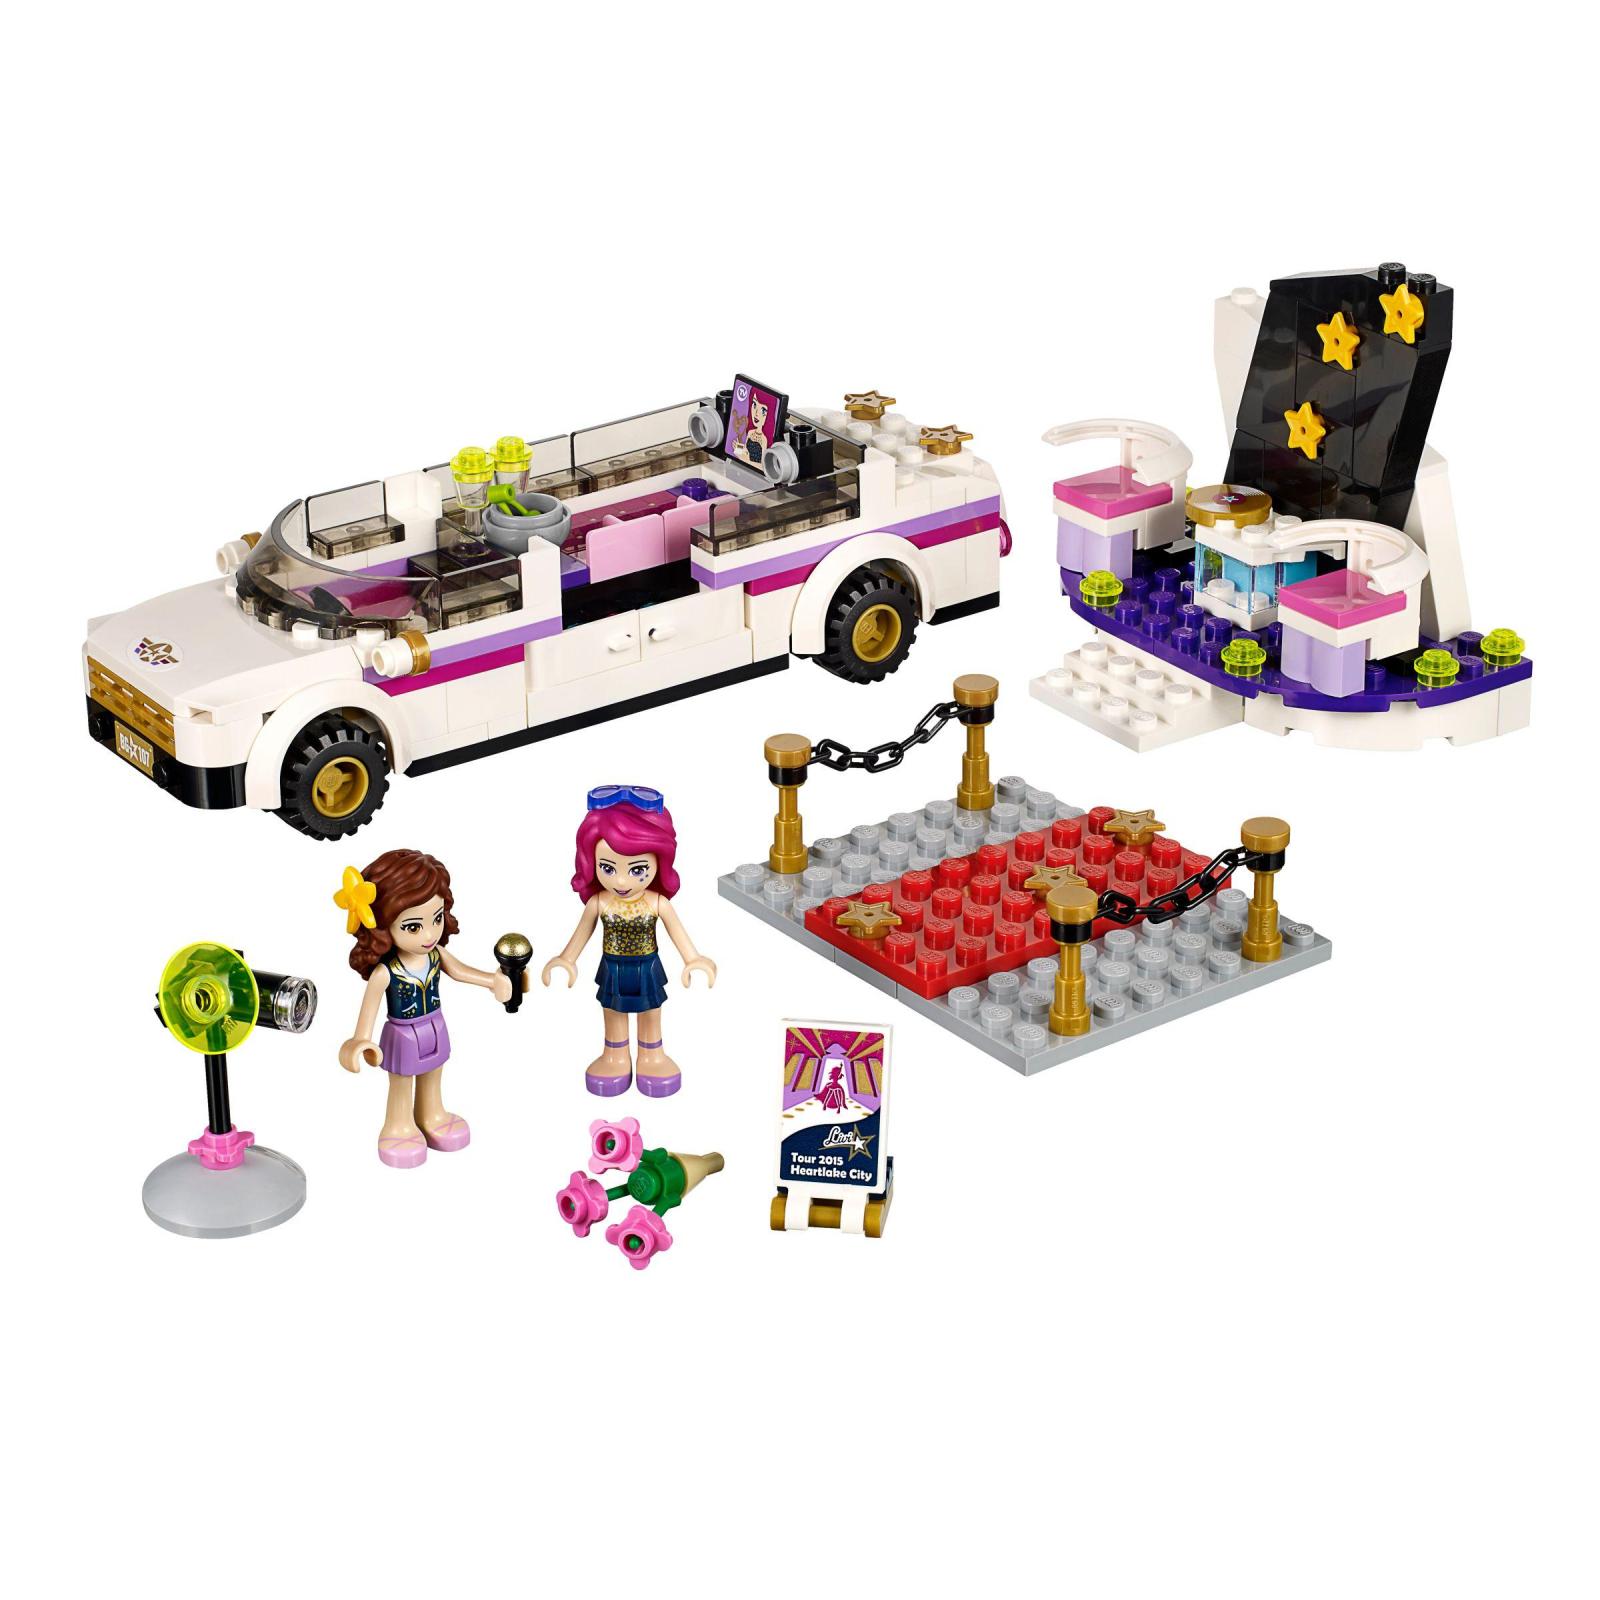 Конструктор LEGO Friends Лимузин поп-звезды (41107) изображение 2